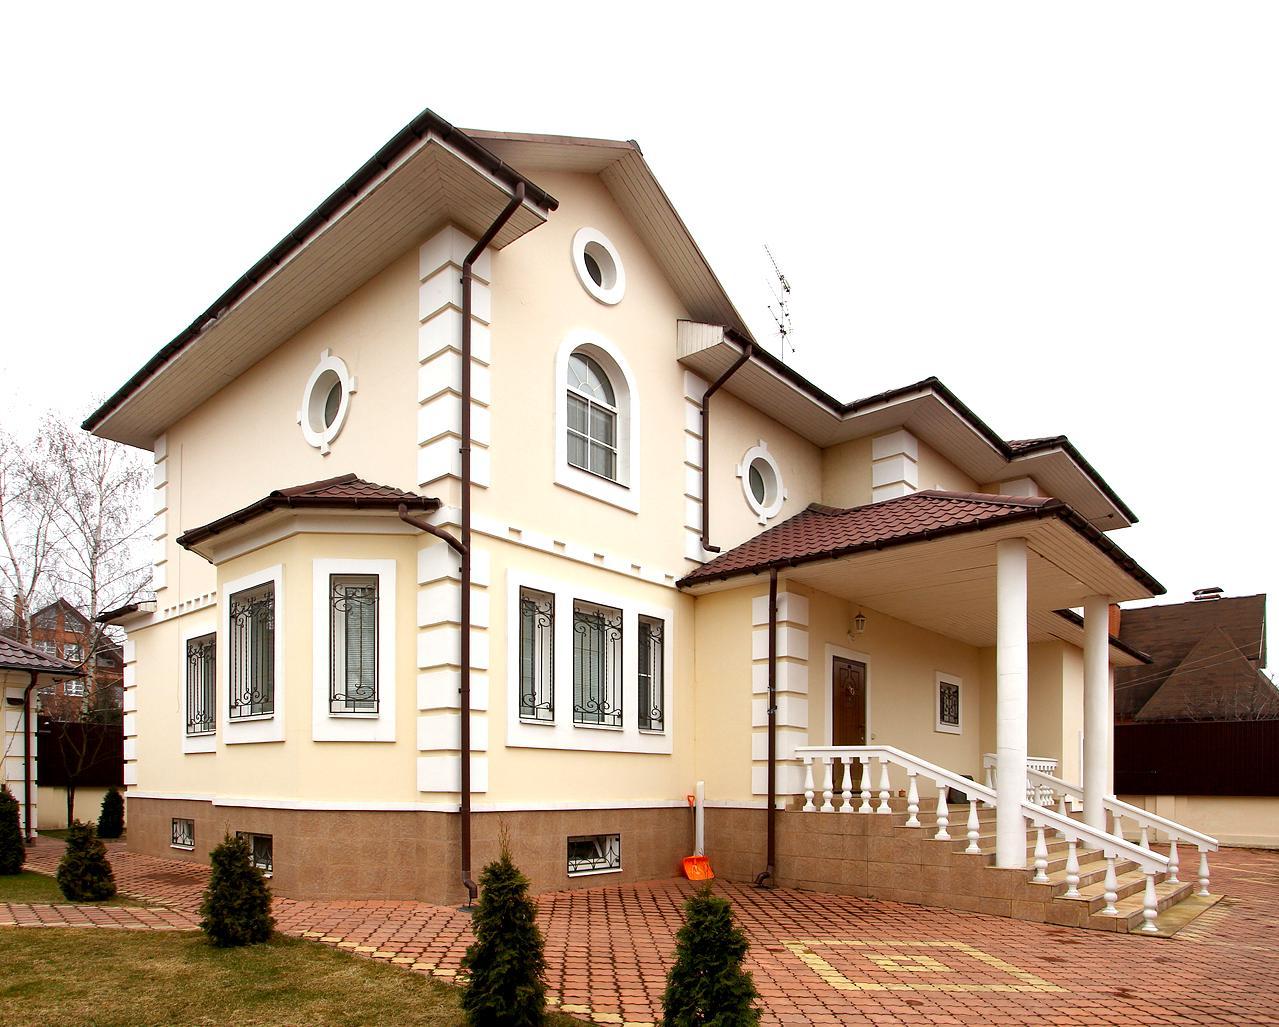 Дом престарелых московская область отзывы екатеринбург пансионат для пожилых людей